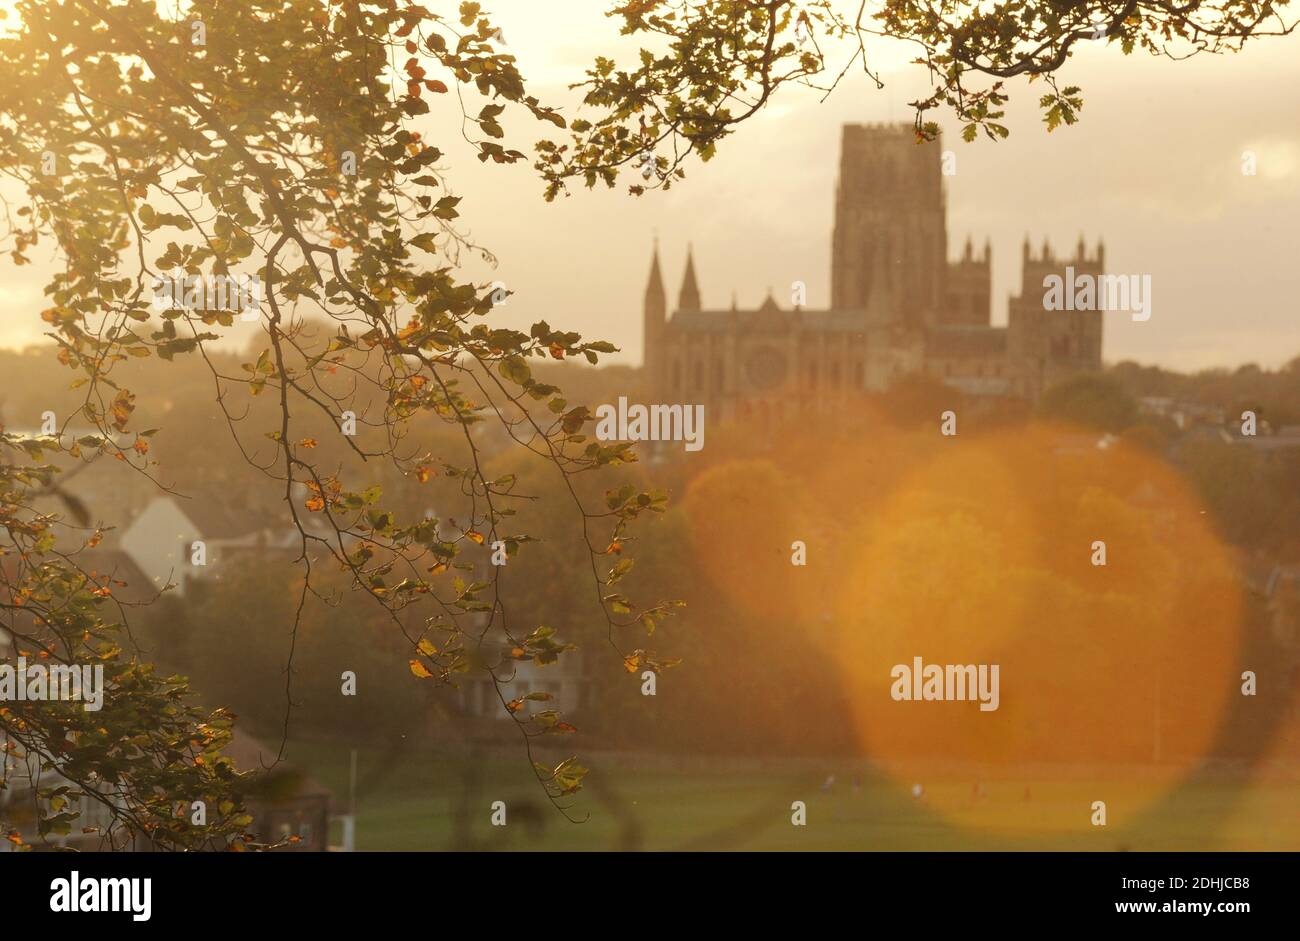 Couleur d'automne à Pelaw Woods près des rives de la rivière Wear dans la ville de Durham. Photos de la cathédrale de Durham photo prise le 16 octobre 2020 Banque D'Images